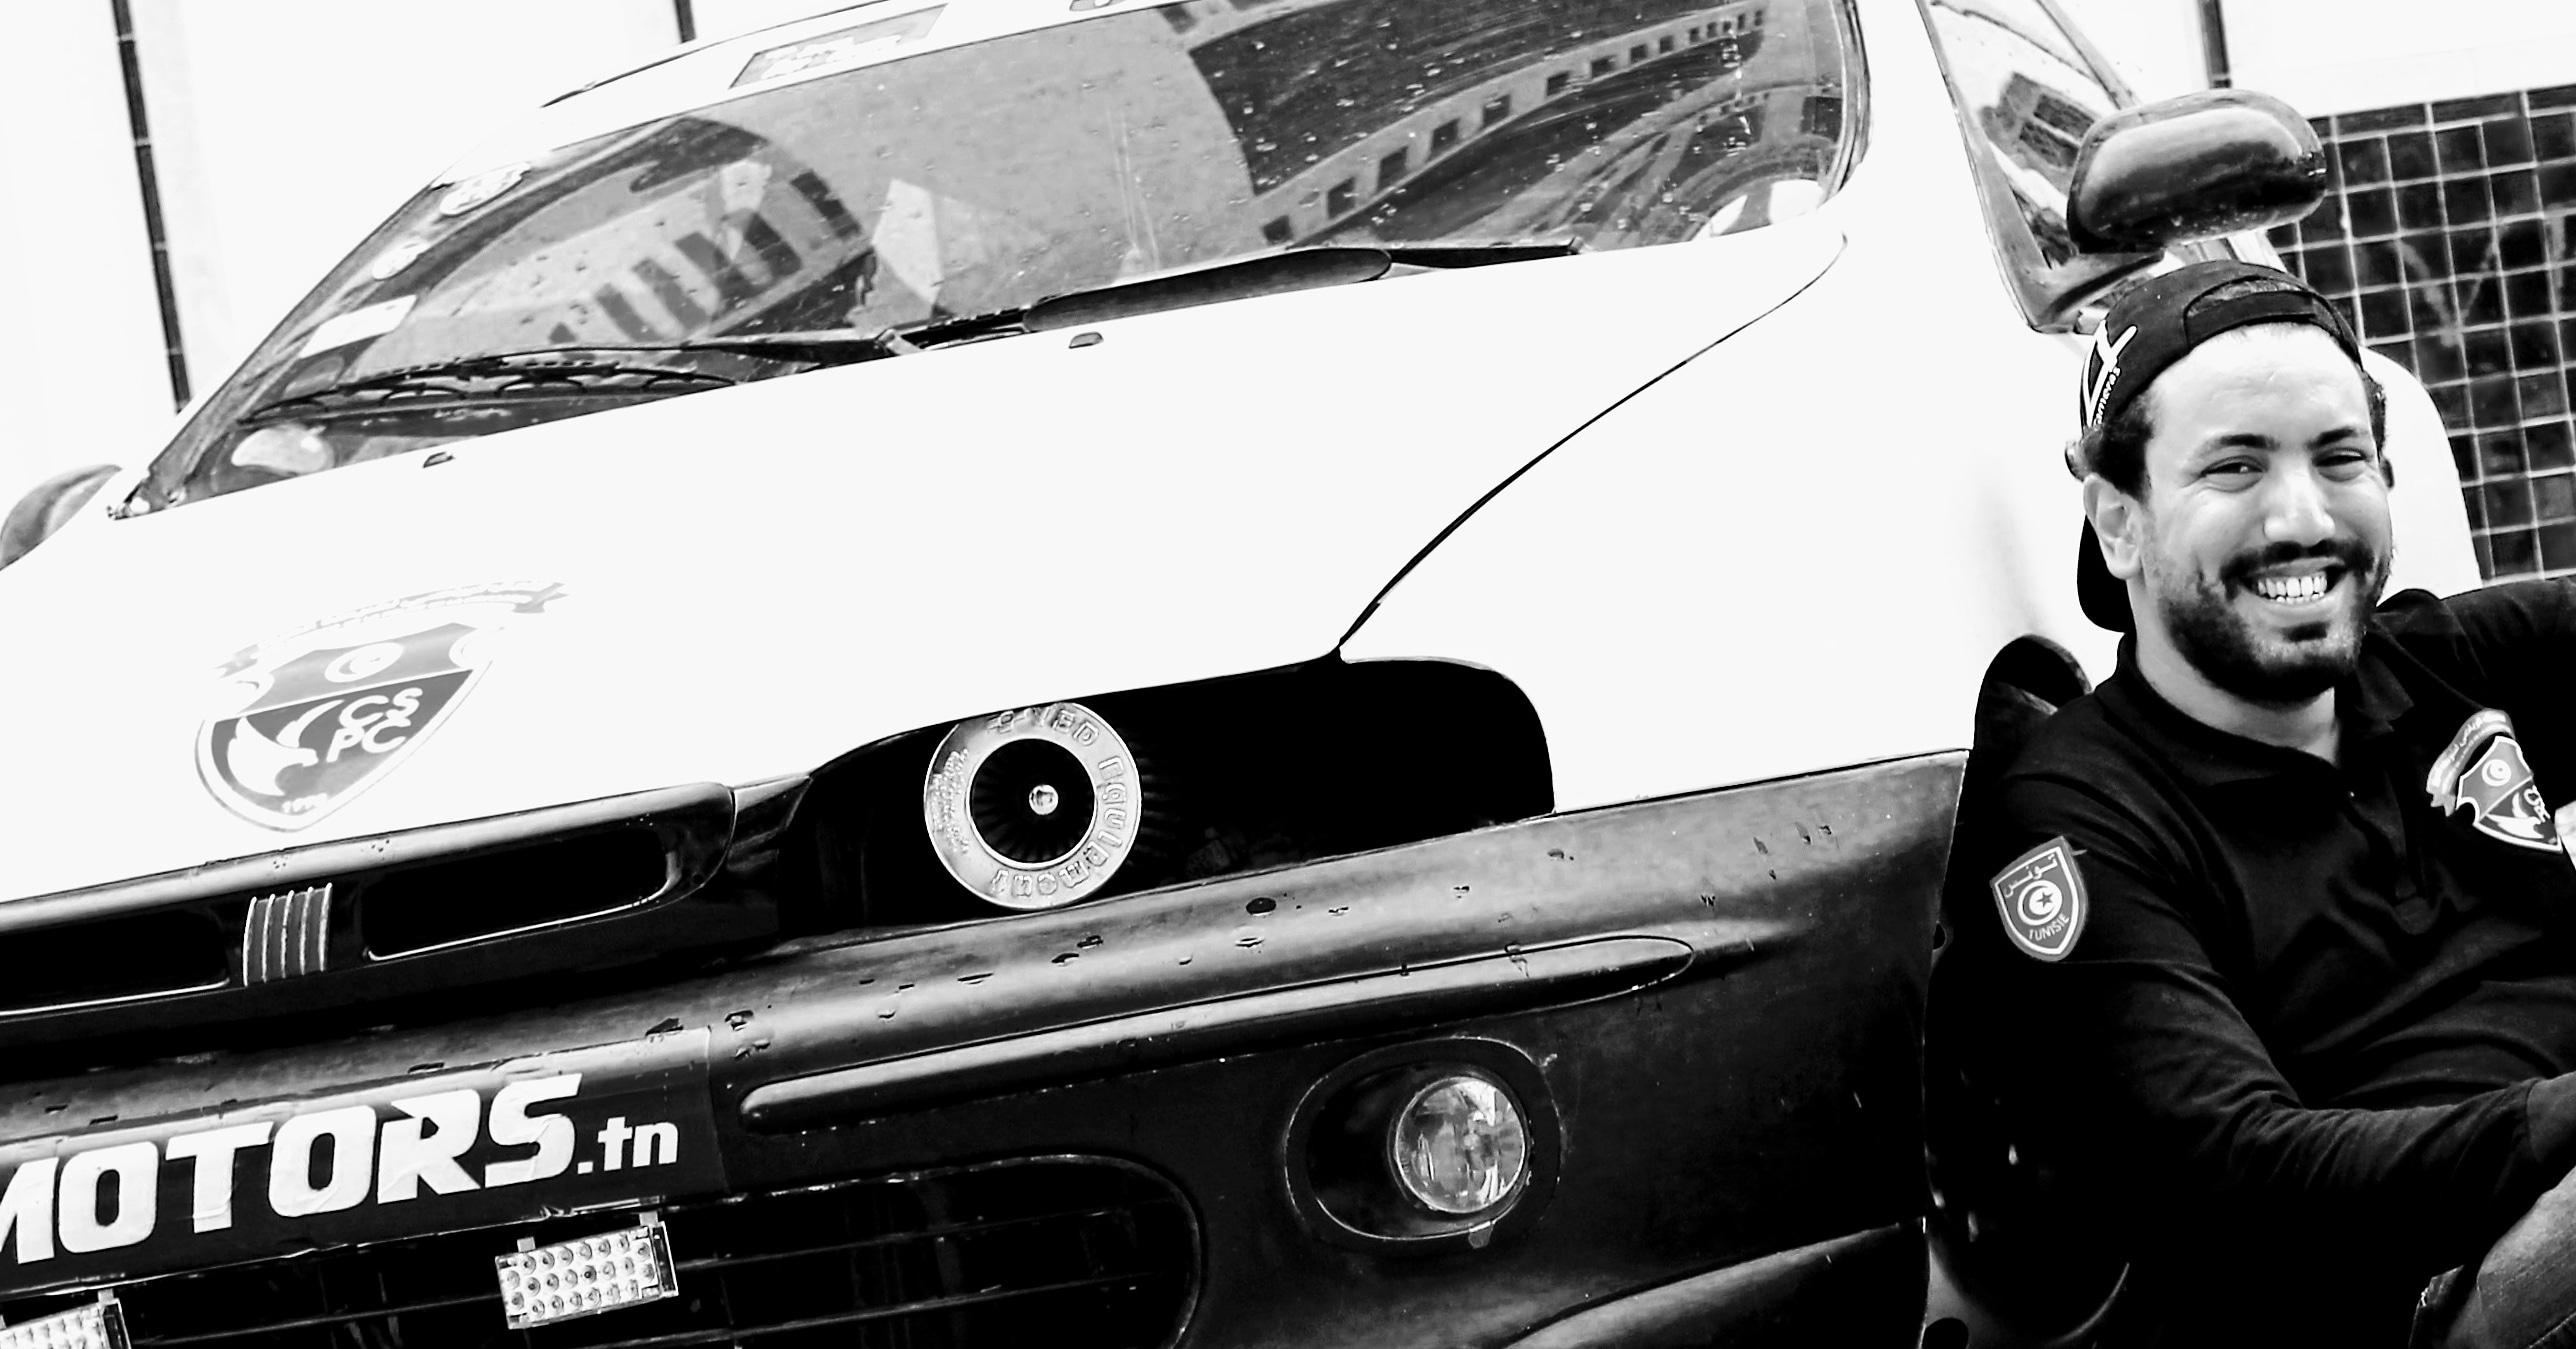 Swap Fiat bravo 2.0 16v turbo Img_2012